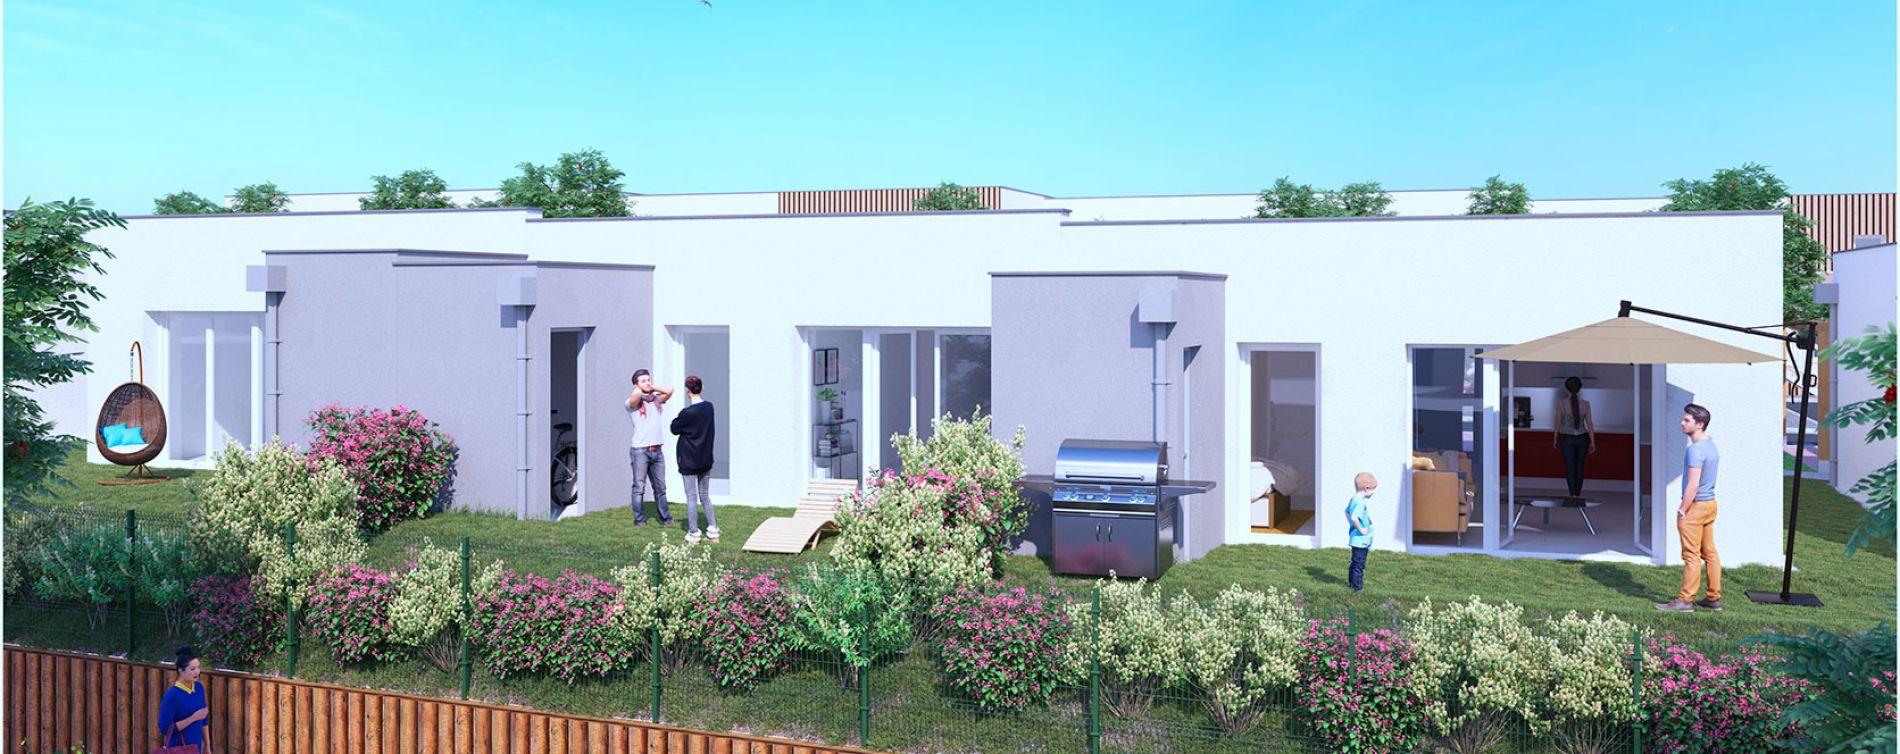 Résidence Les Villas Jardin à Fleury-sur-Orne